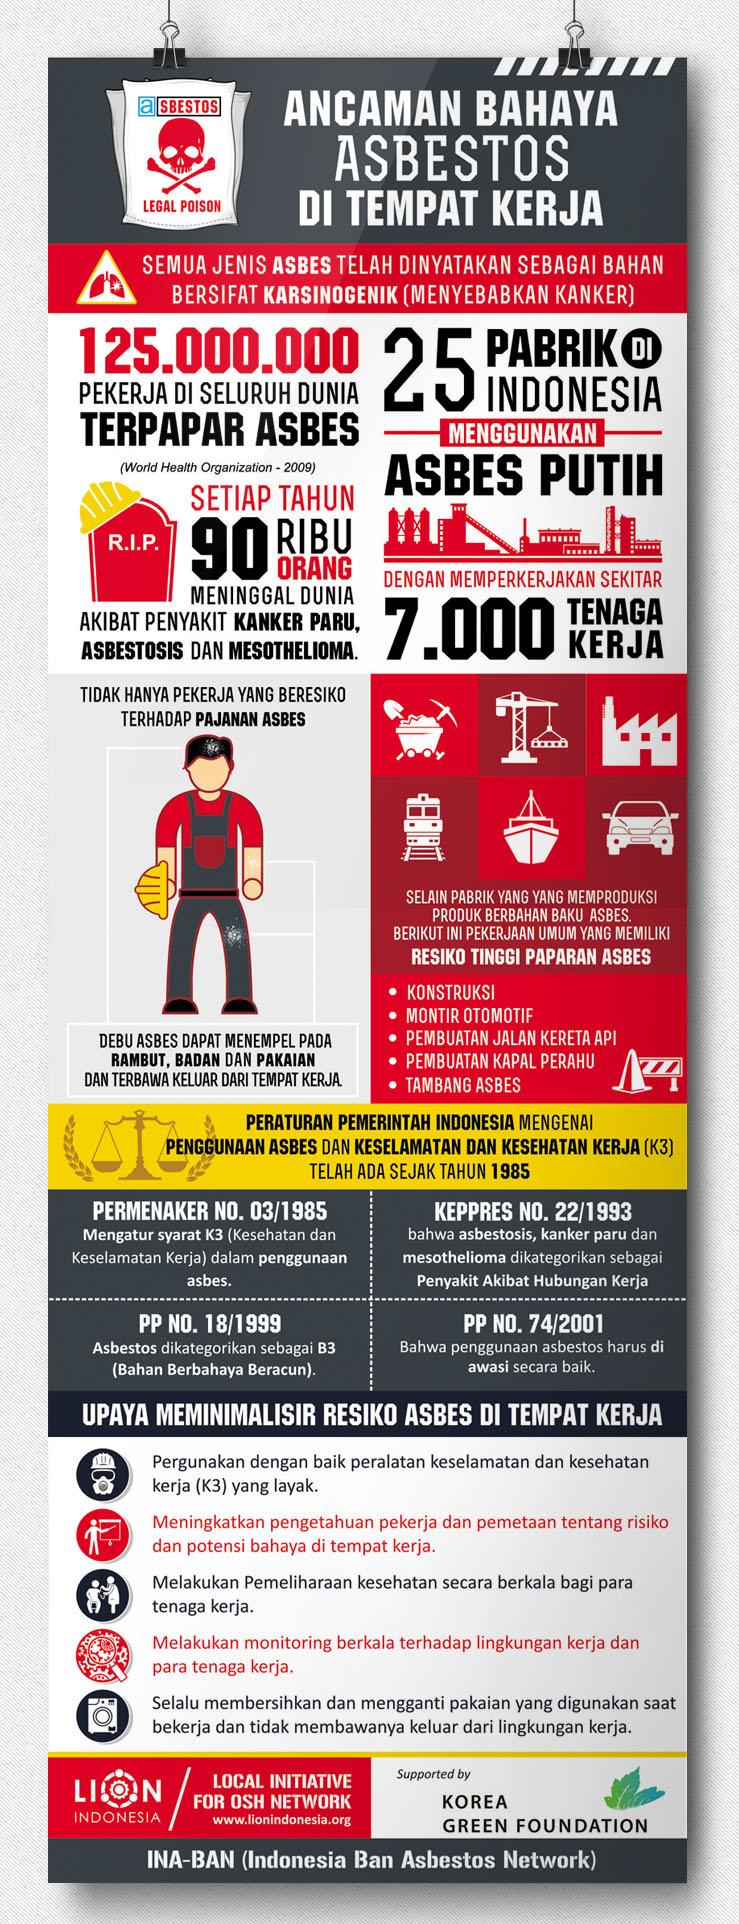 Infografik LION KGF d